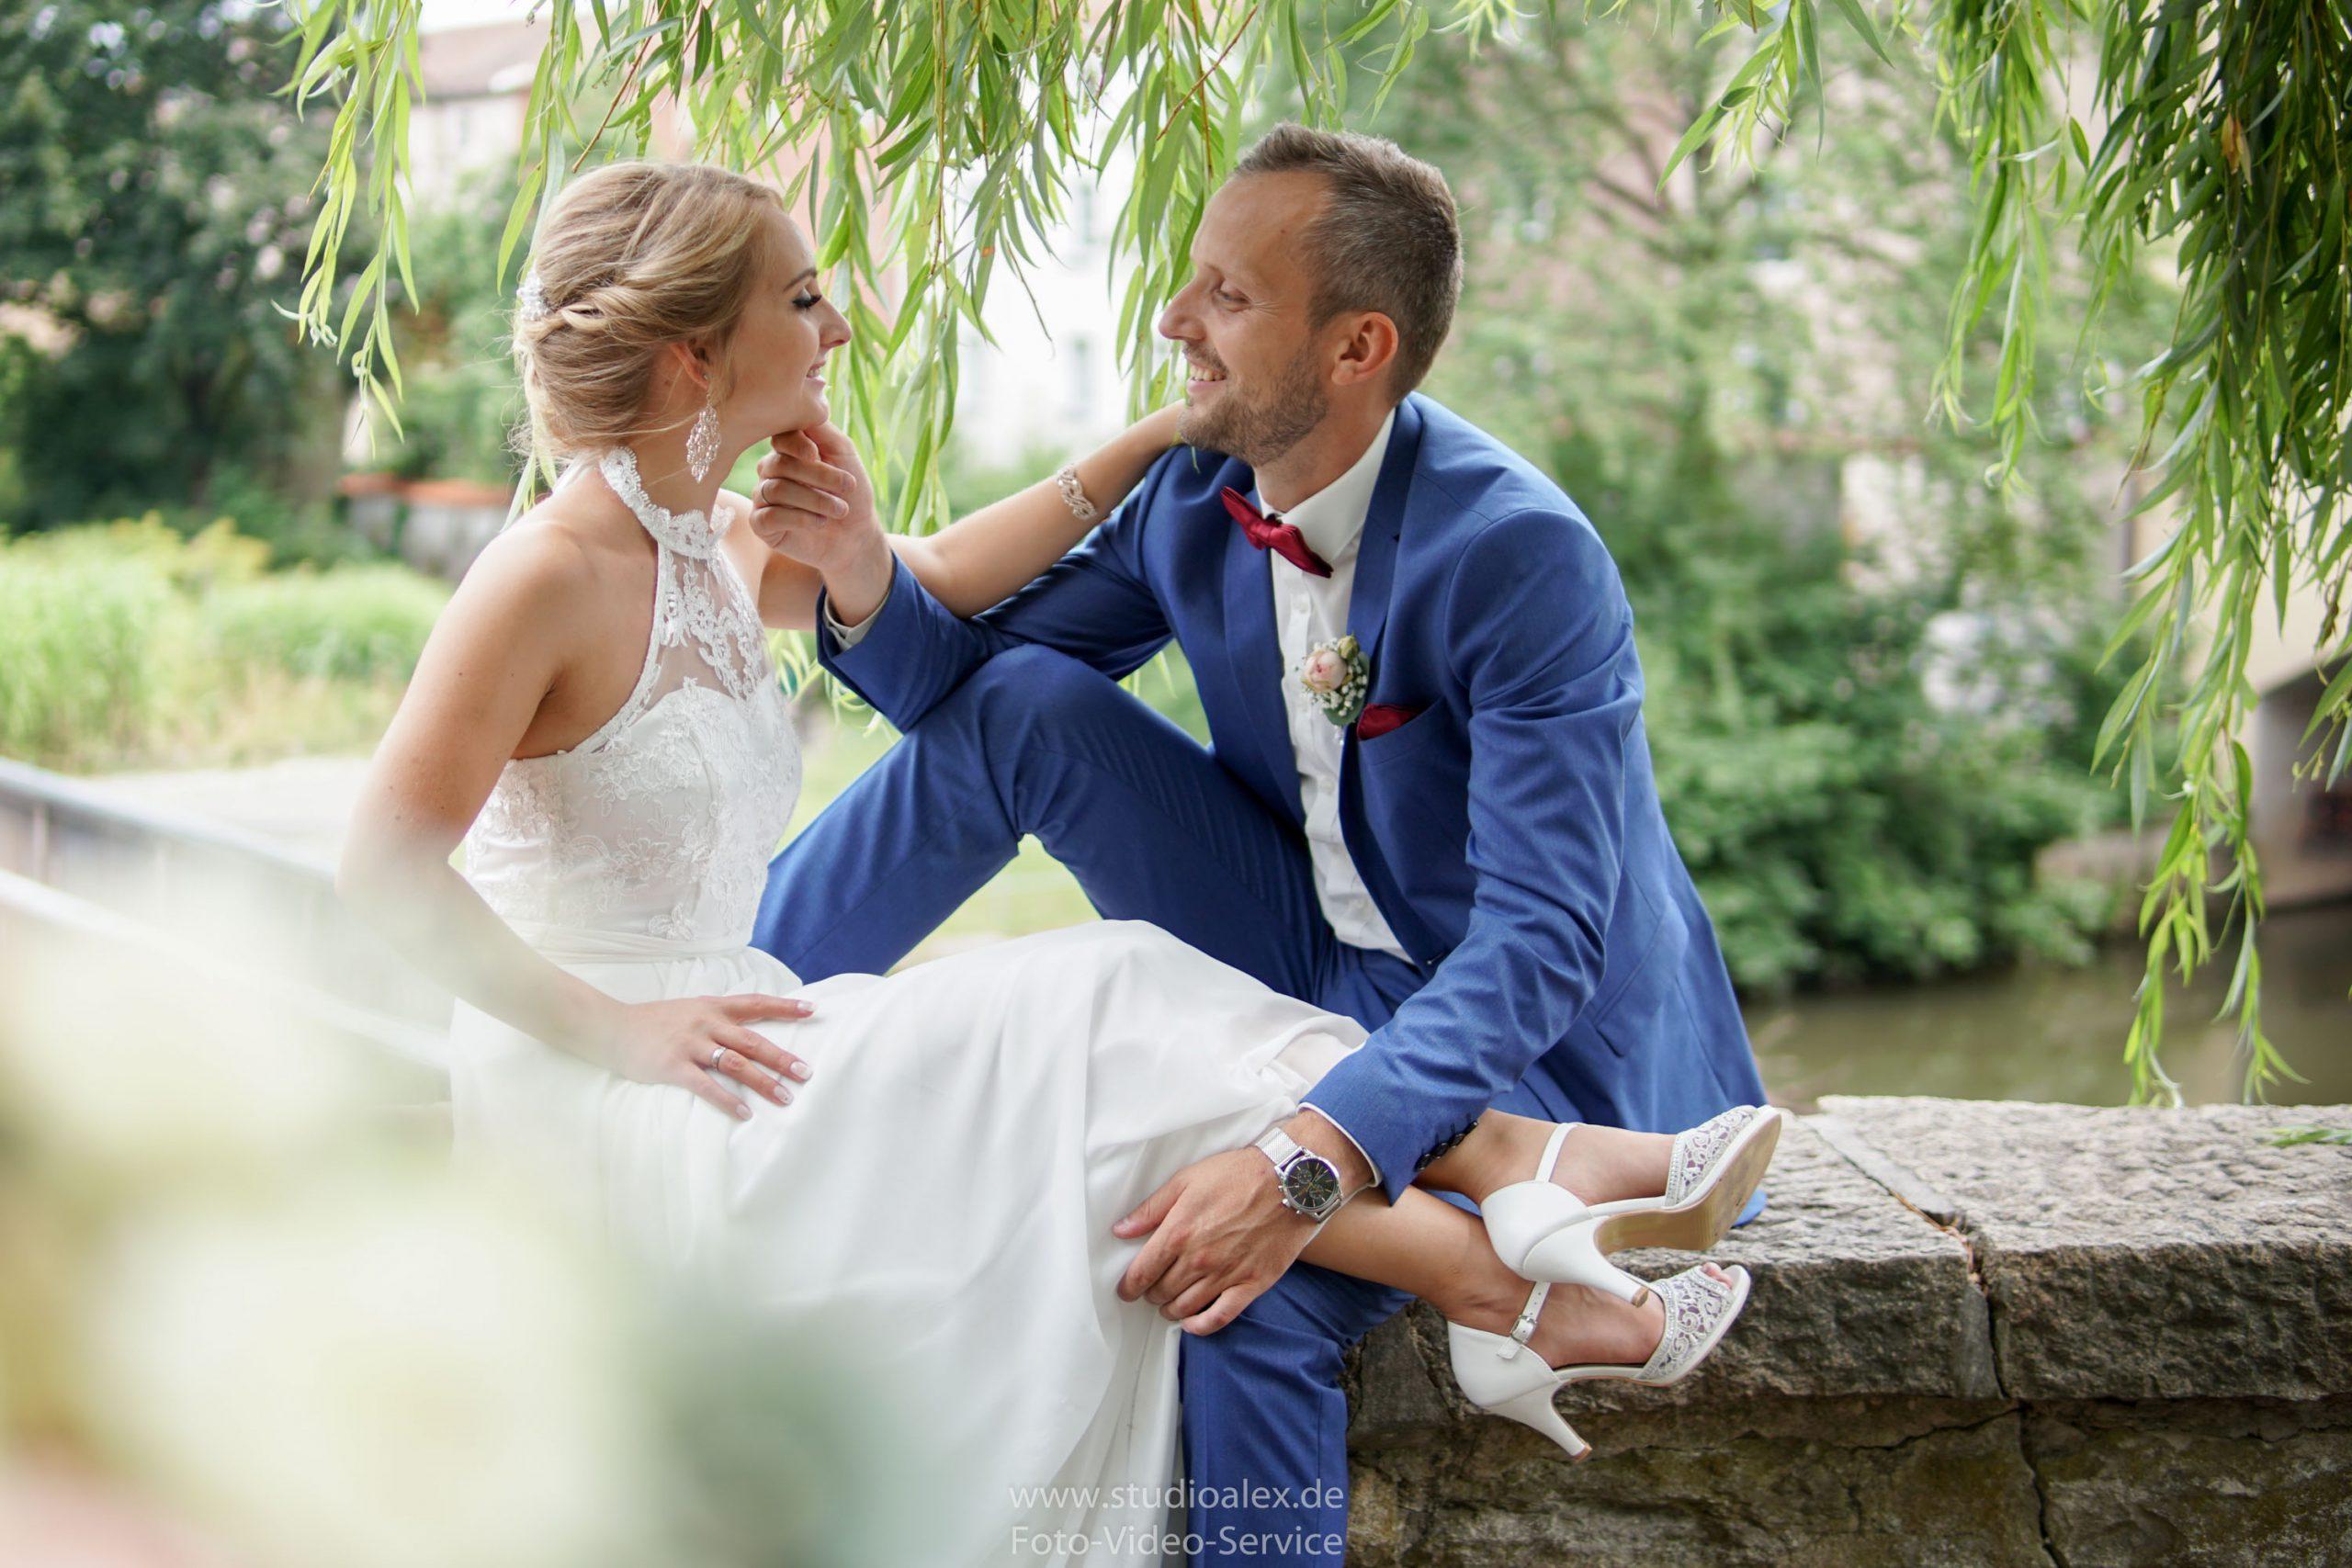 Hochzeitsfotograf-Amberg-Fotograf-für-standesamtliche-Trauung-im-Kümmersbruck.-Hochzeitsfotos-Bayern-07503-scaled.jpg